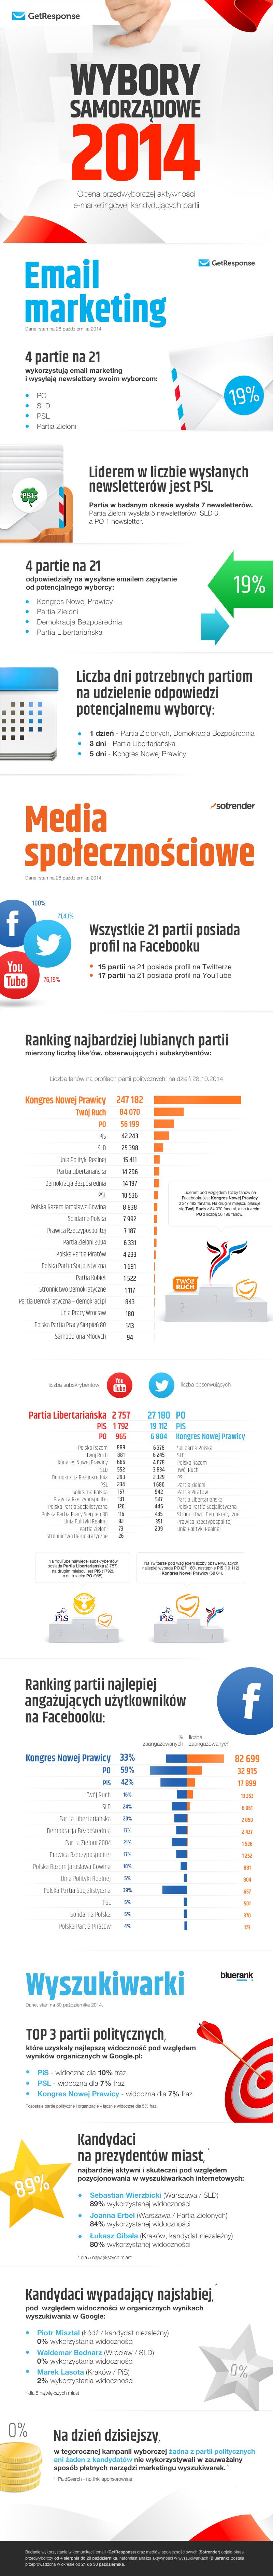 Wybory Samorządowe 2014.